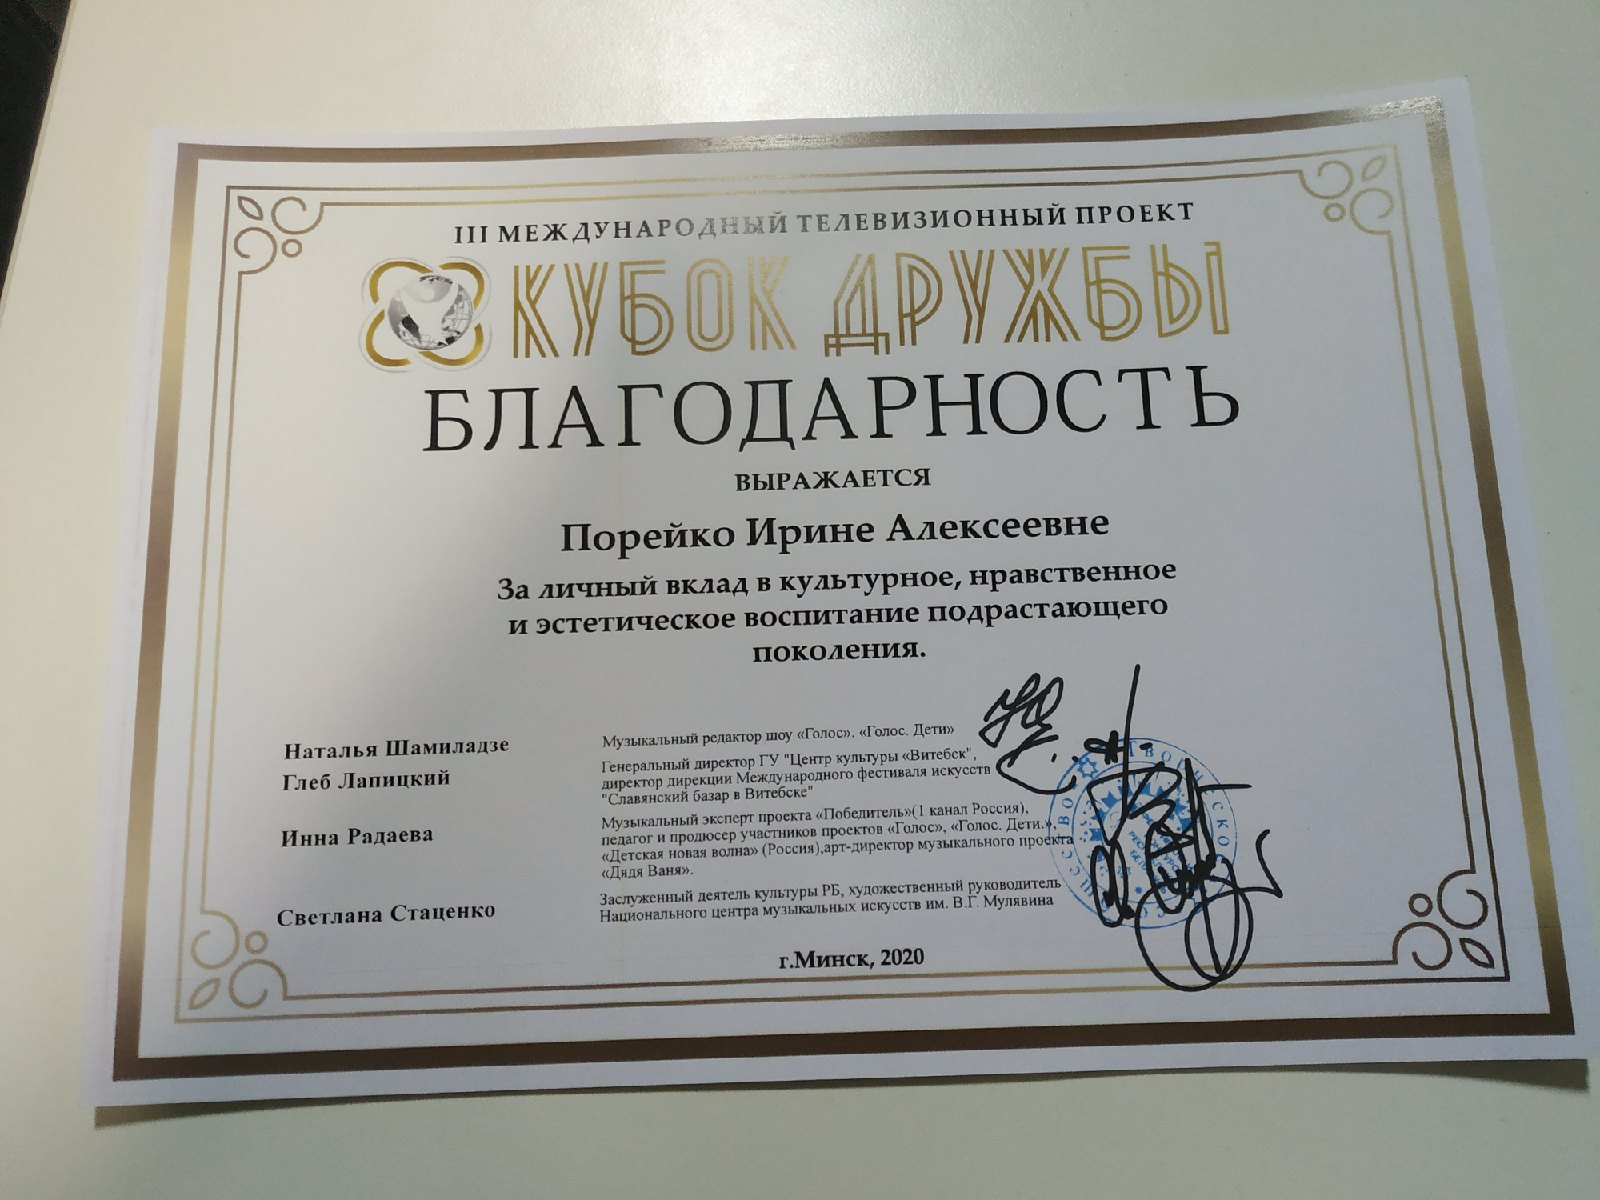 Фото предоставлено Ириной ПОРЕЙКО